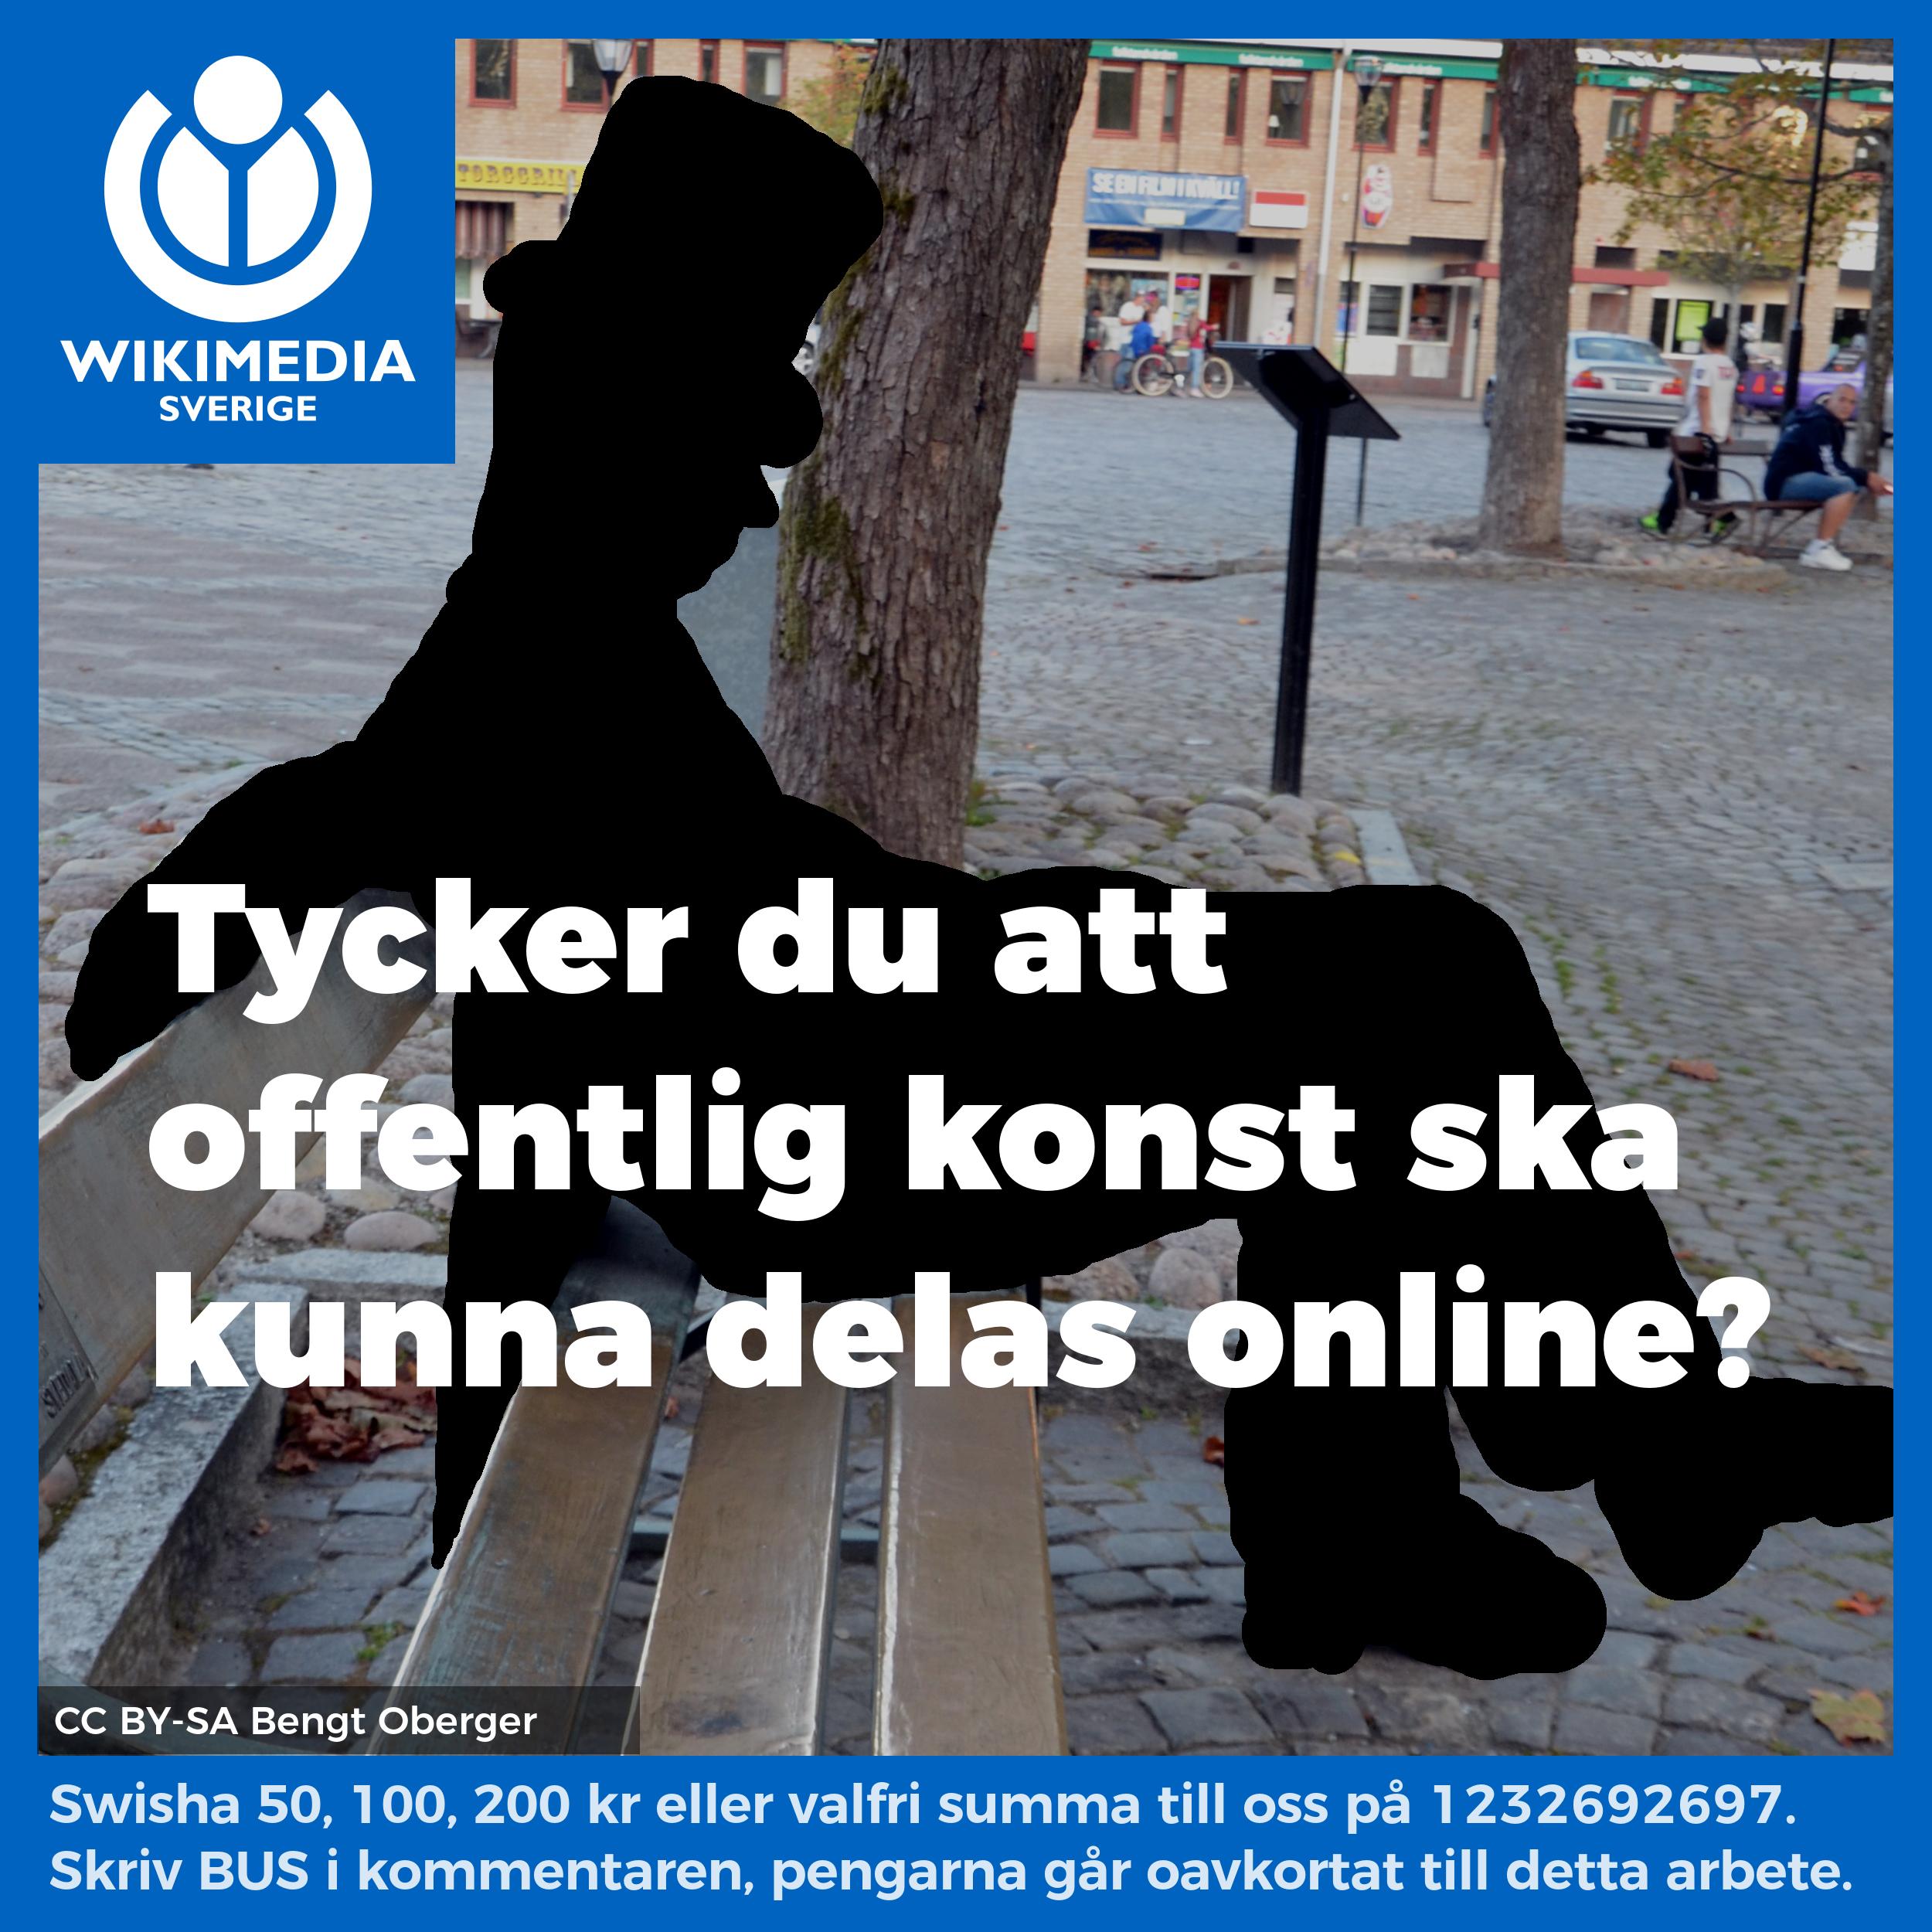 Tycker du att offentlig konst ska kunna delas online? På bilden syns inte Näckens polska av konstnären Bror Hjorth.